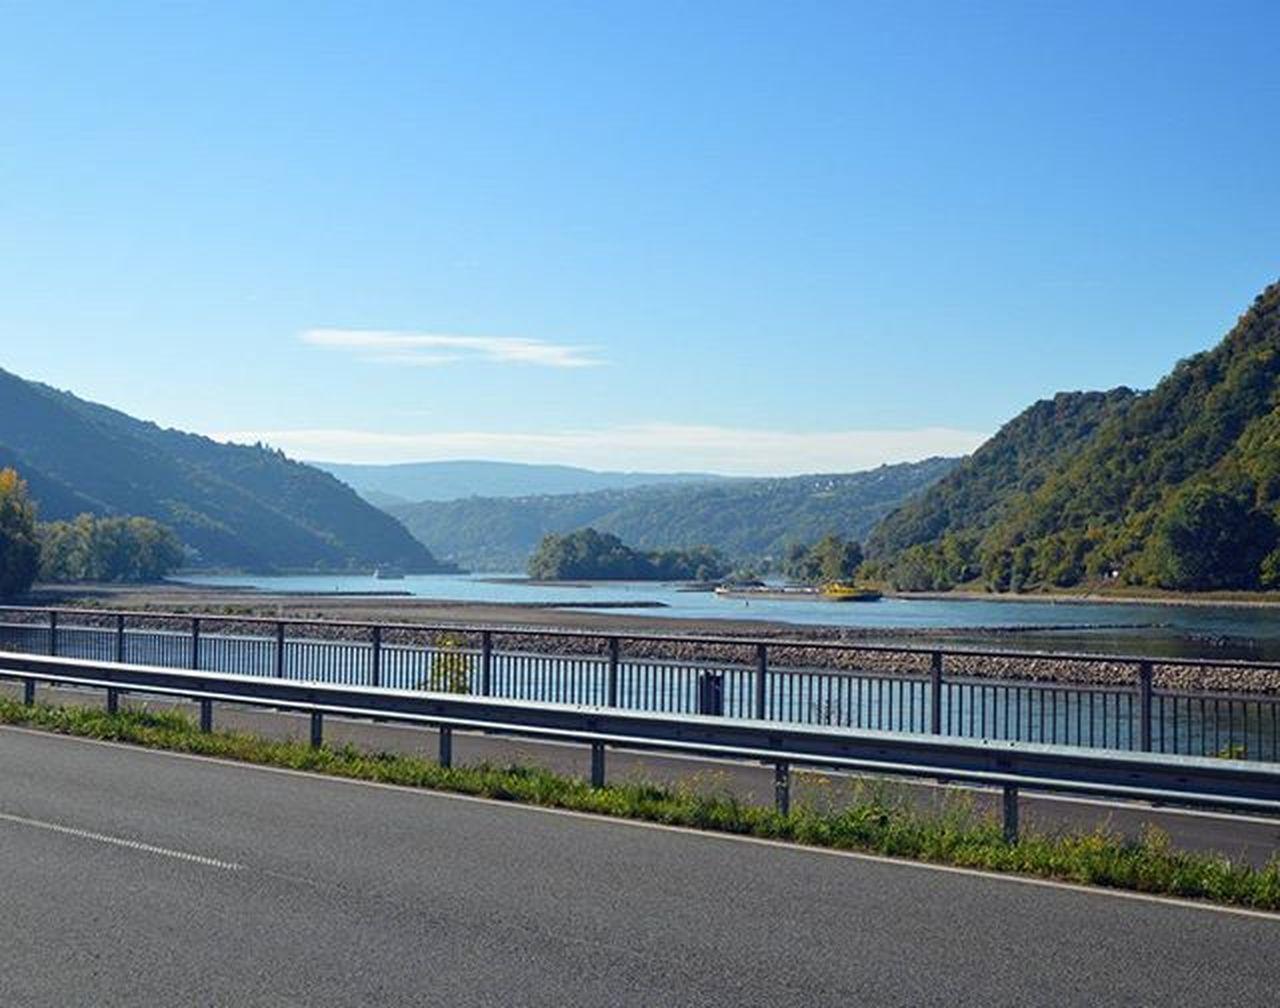 Der Rhein ist schön! Rhein Rheinlandpfalz Kaub Deutschland Germany Europe